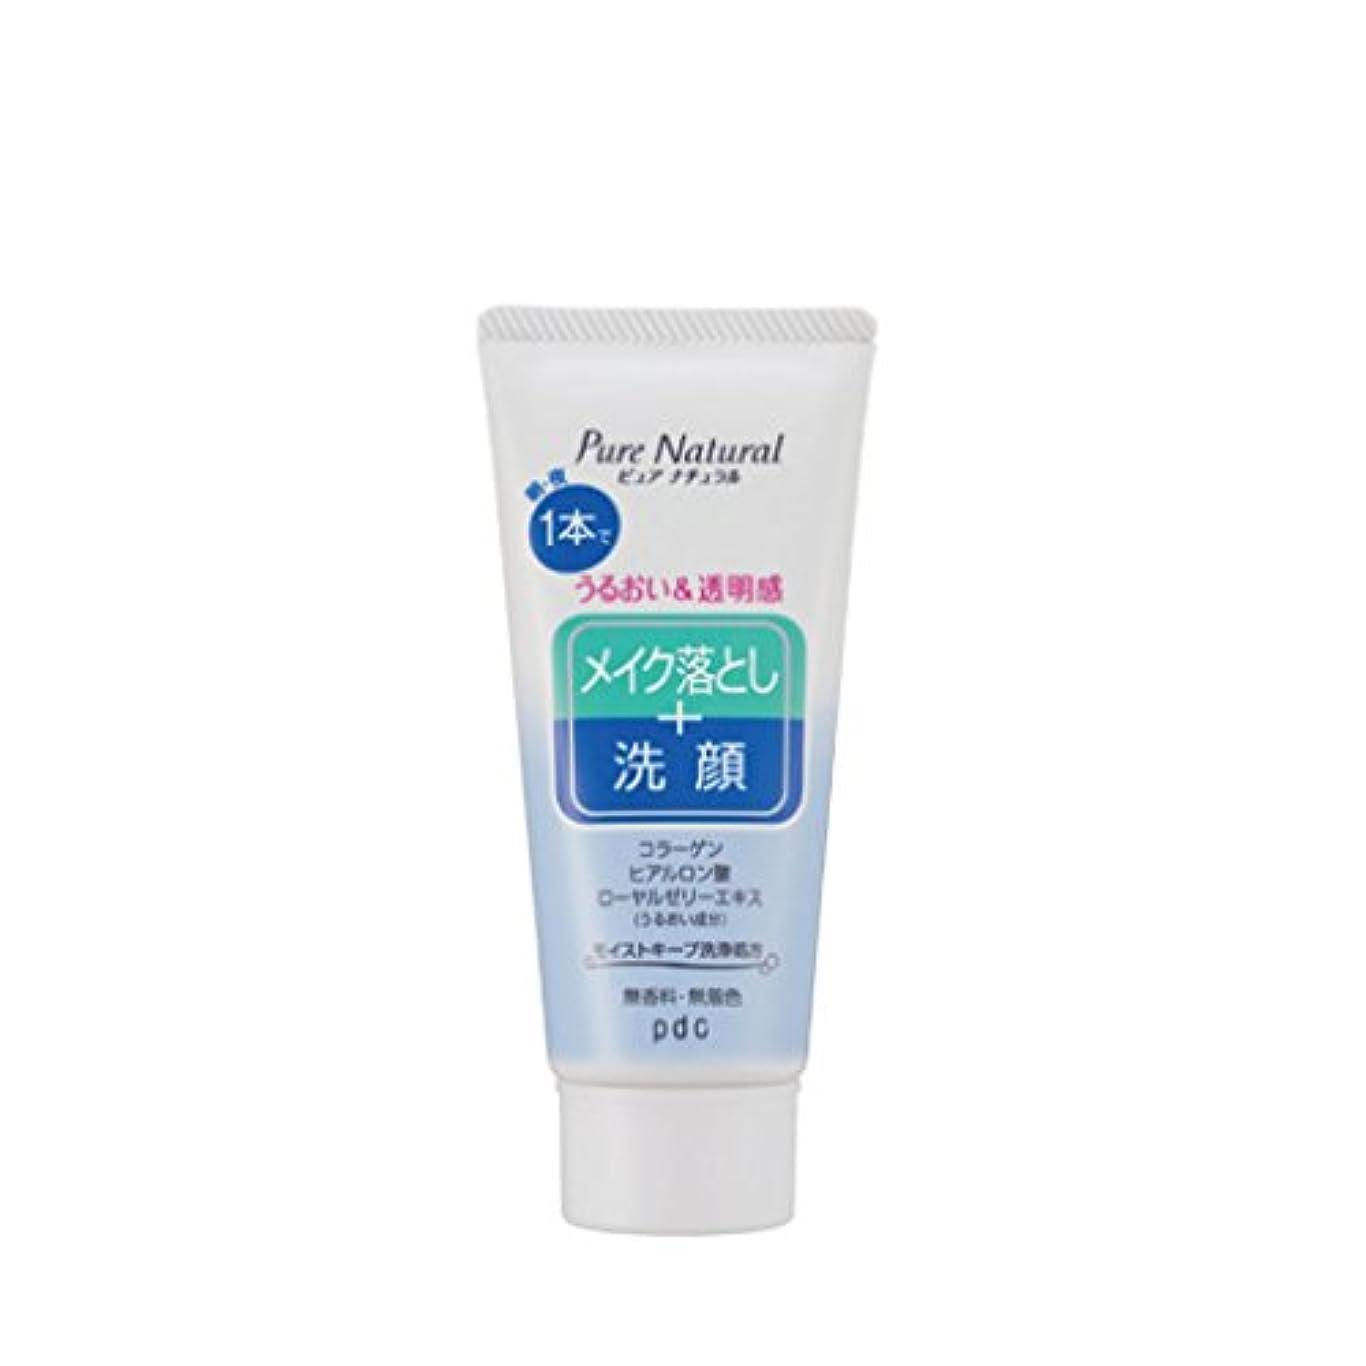 避けられない公然とフィットネスPure NATURAL(ピュアナチュラル) クレンジング洗顔 (ミニサイズ) 70g